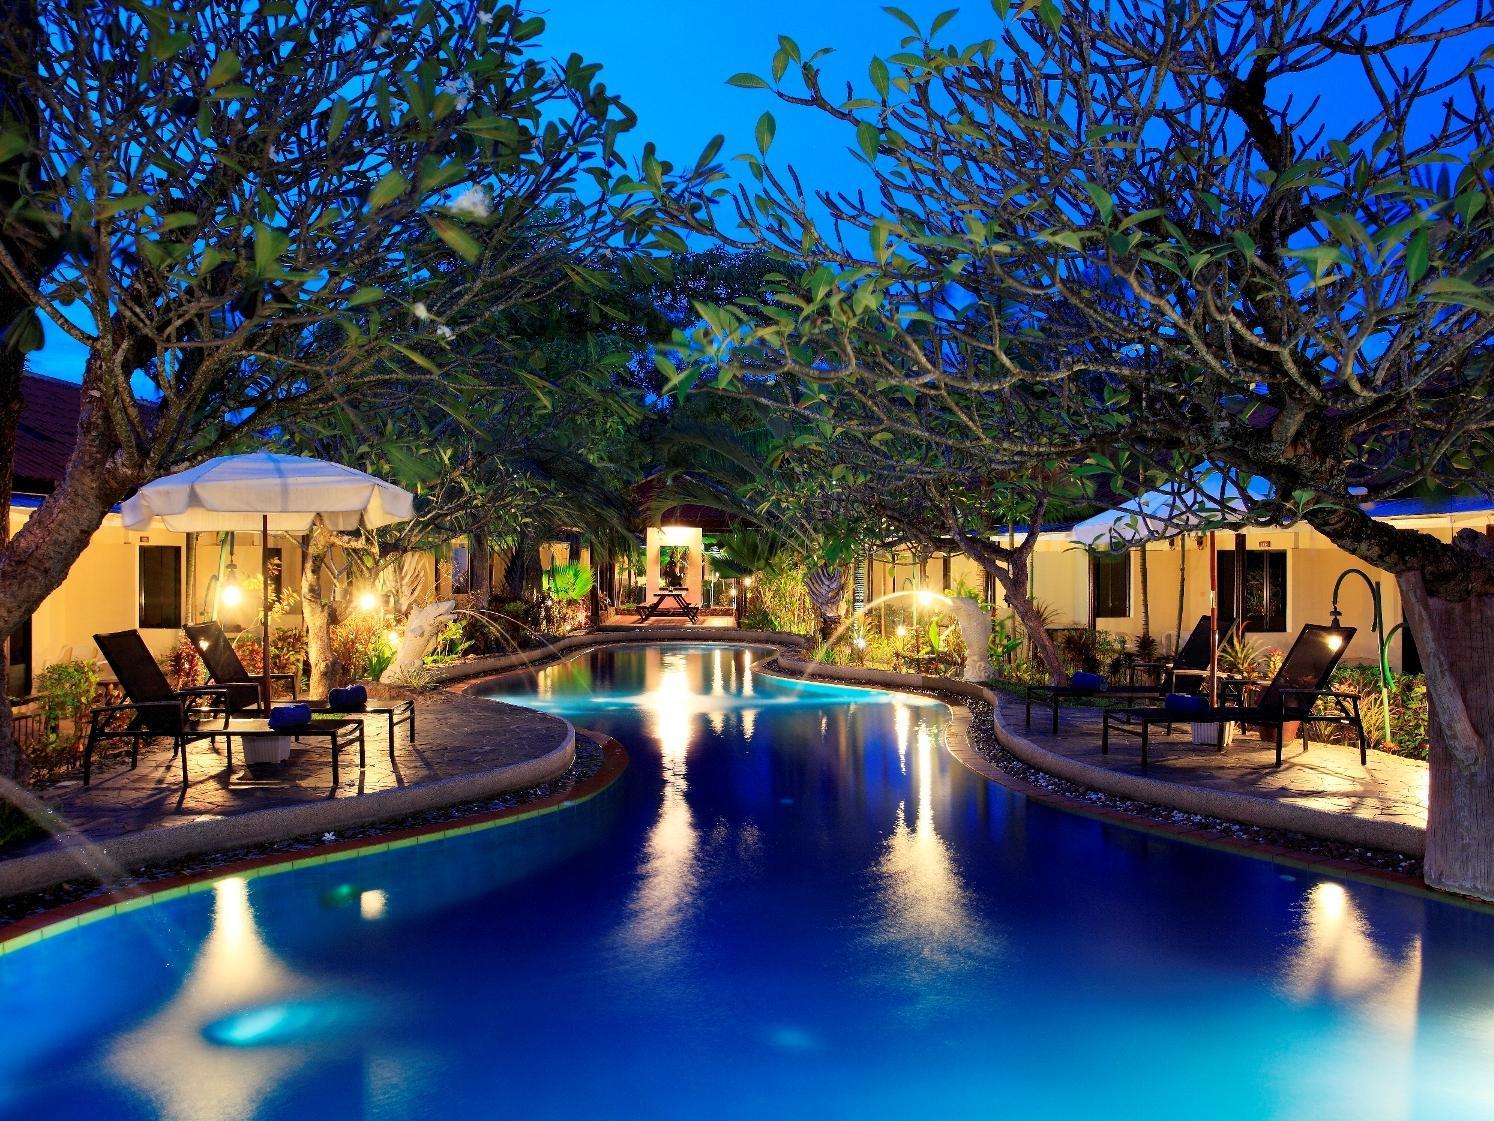 Hotell The Best Mansion i Chalong, Phuket. Klicka för att läsa mer och skicka bokningsförfrågan